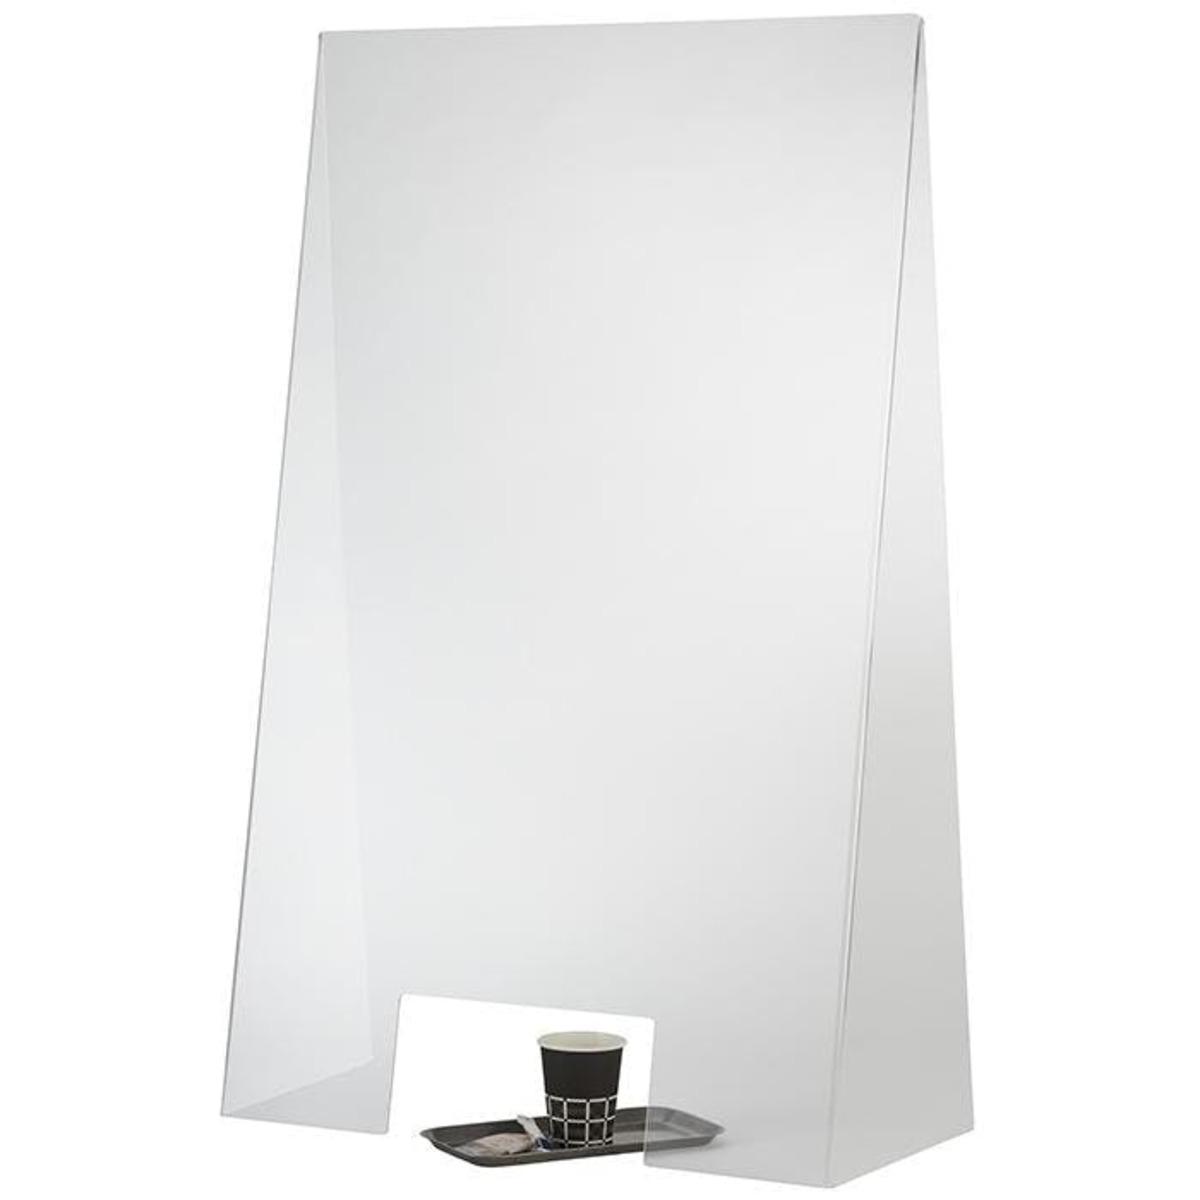 Bild 2 von APS Hygieneschutzwand aus Acryl mit Öffnung 60cm x 28cm x 99cm